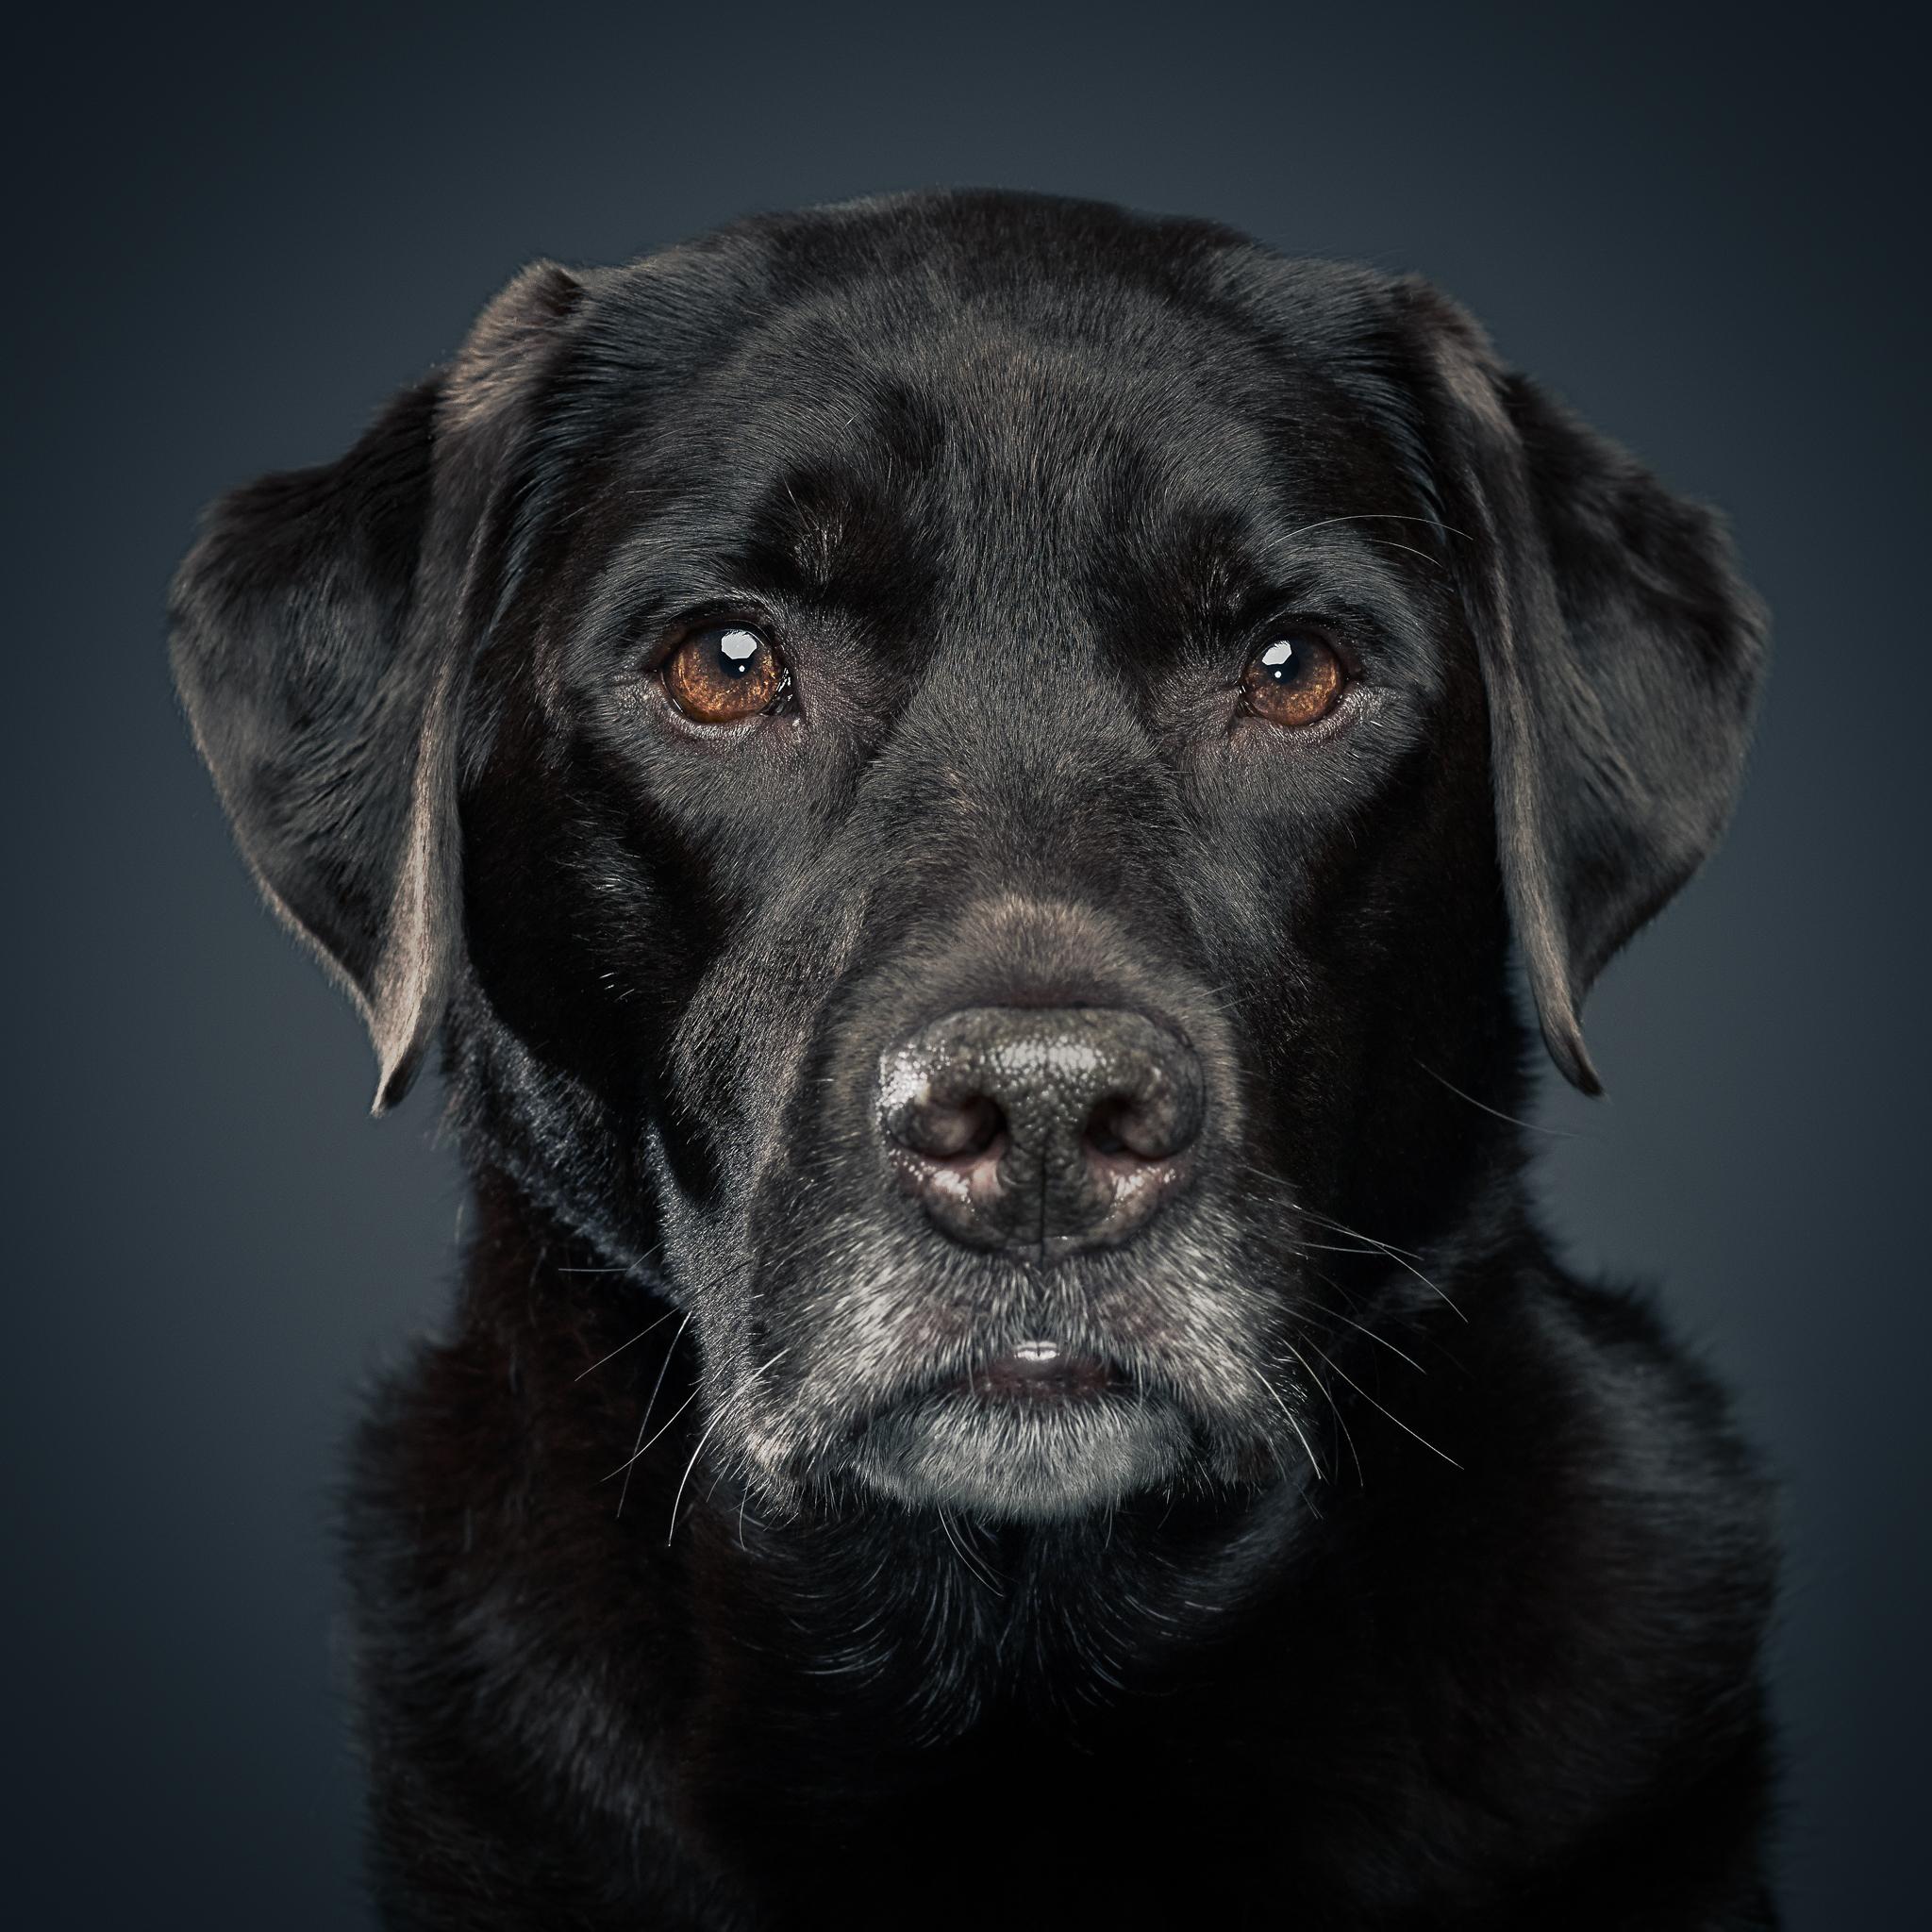 klaus-dyba-dog-photography-labrador